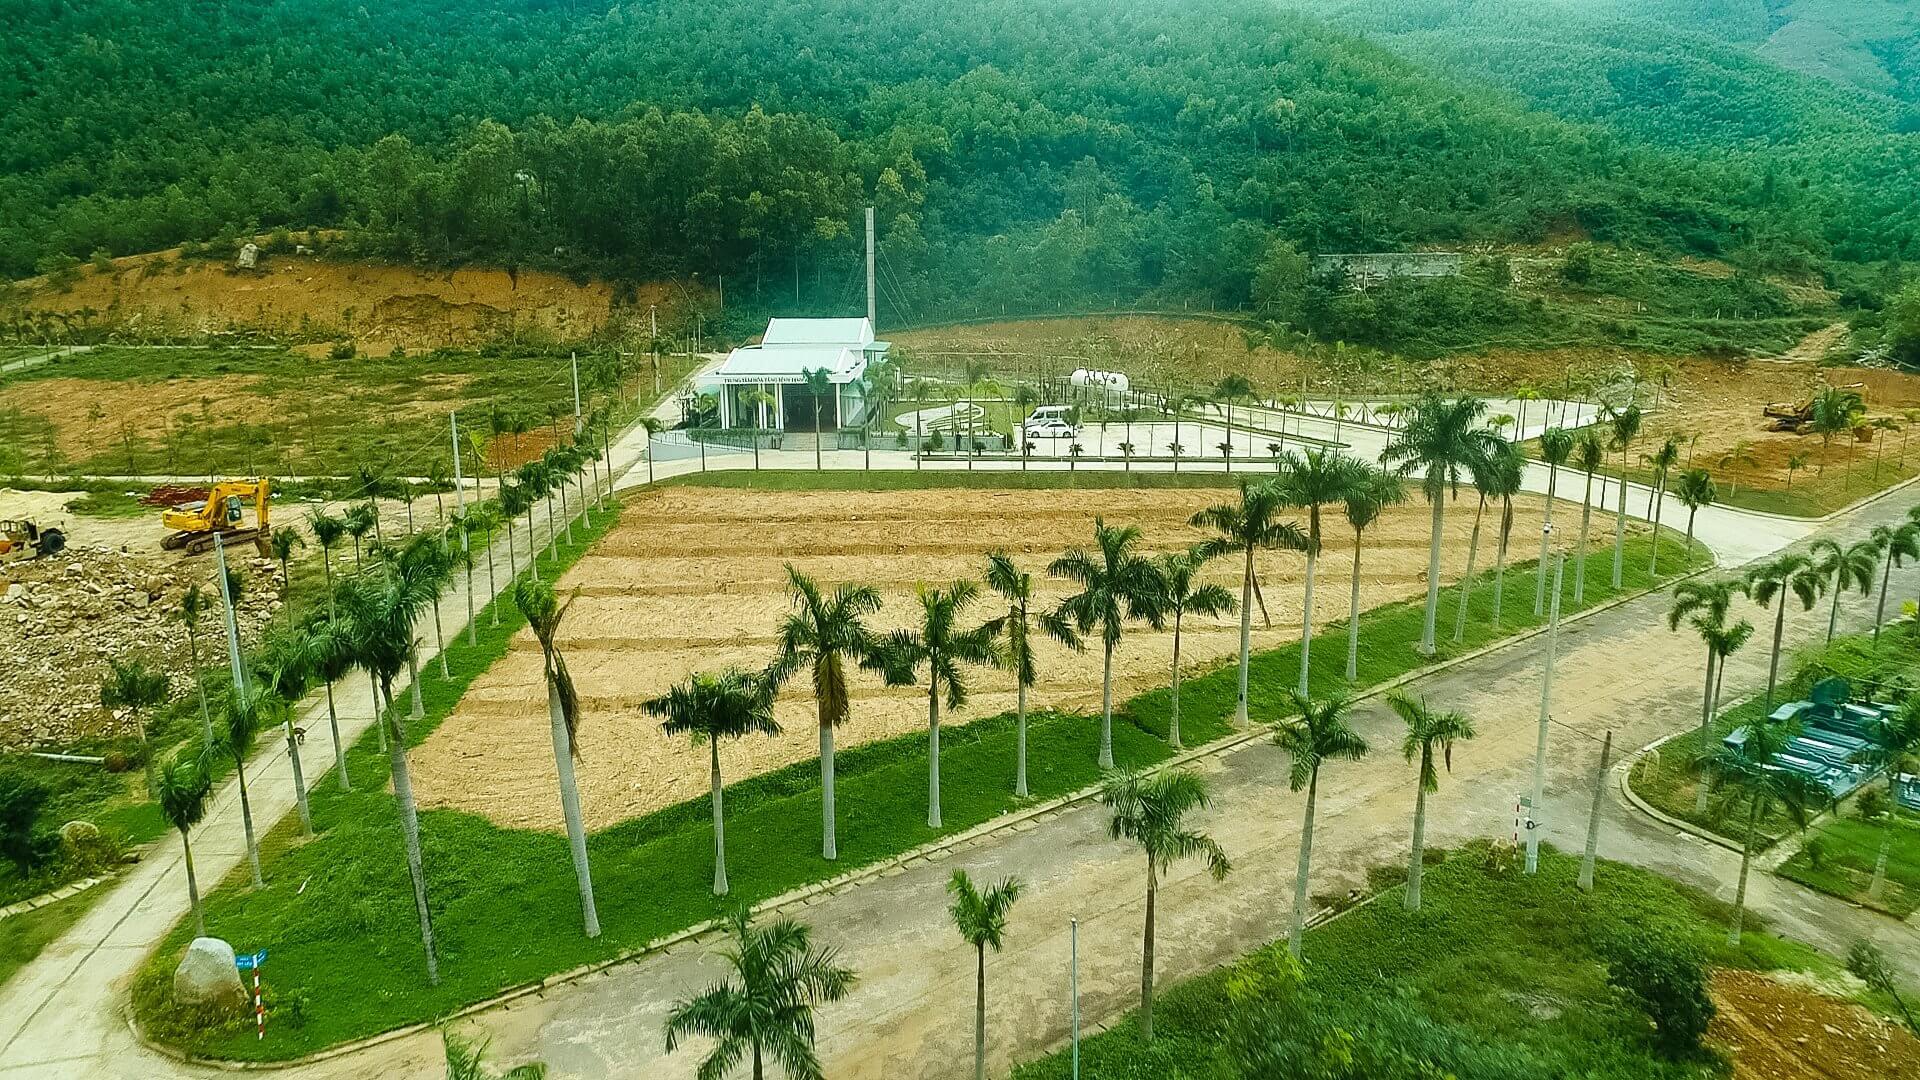 Toàn cảnh Trung tâm hỏa táng Bình Định An Viên nhìn từ trên cao